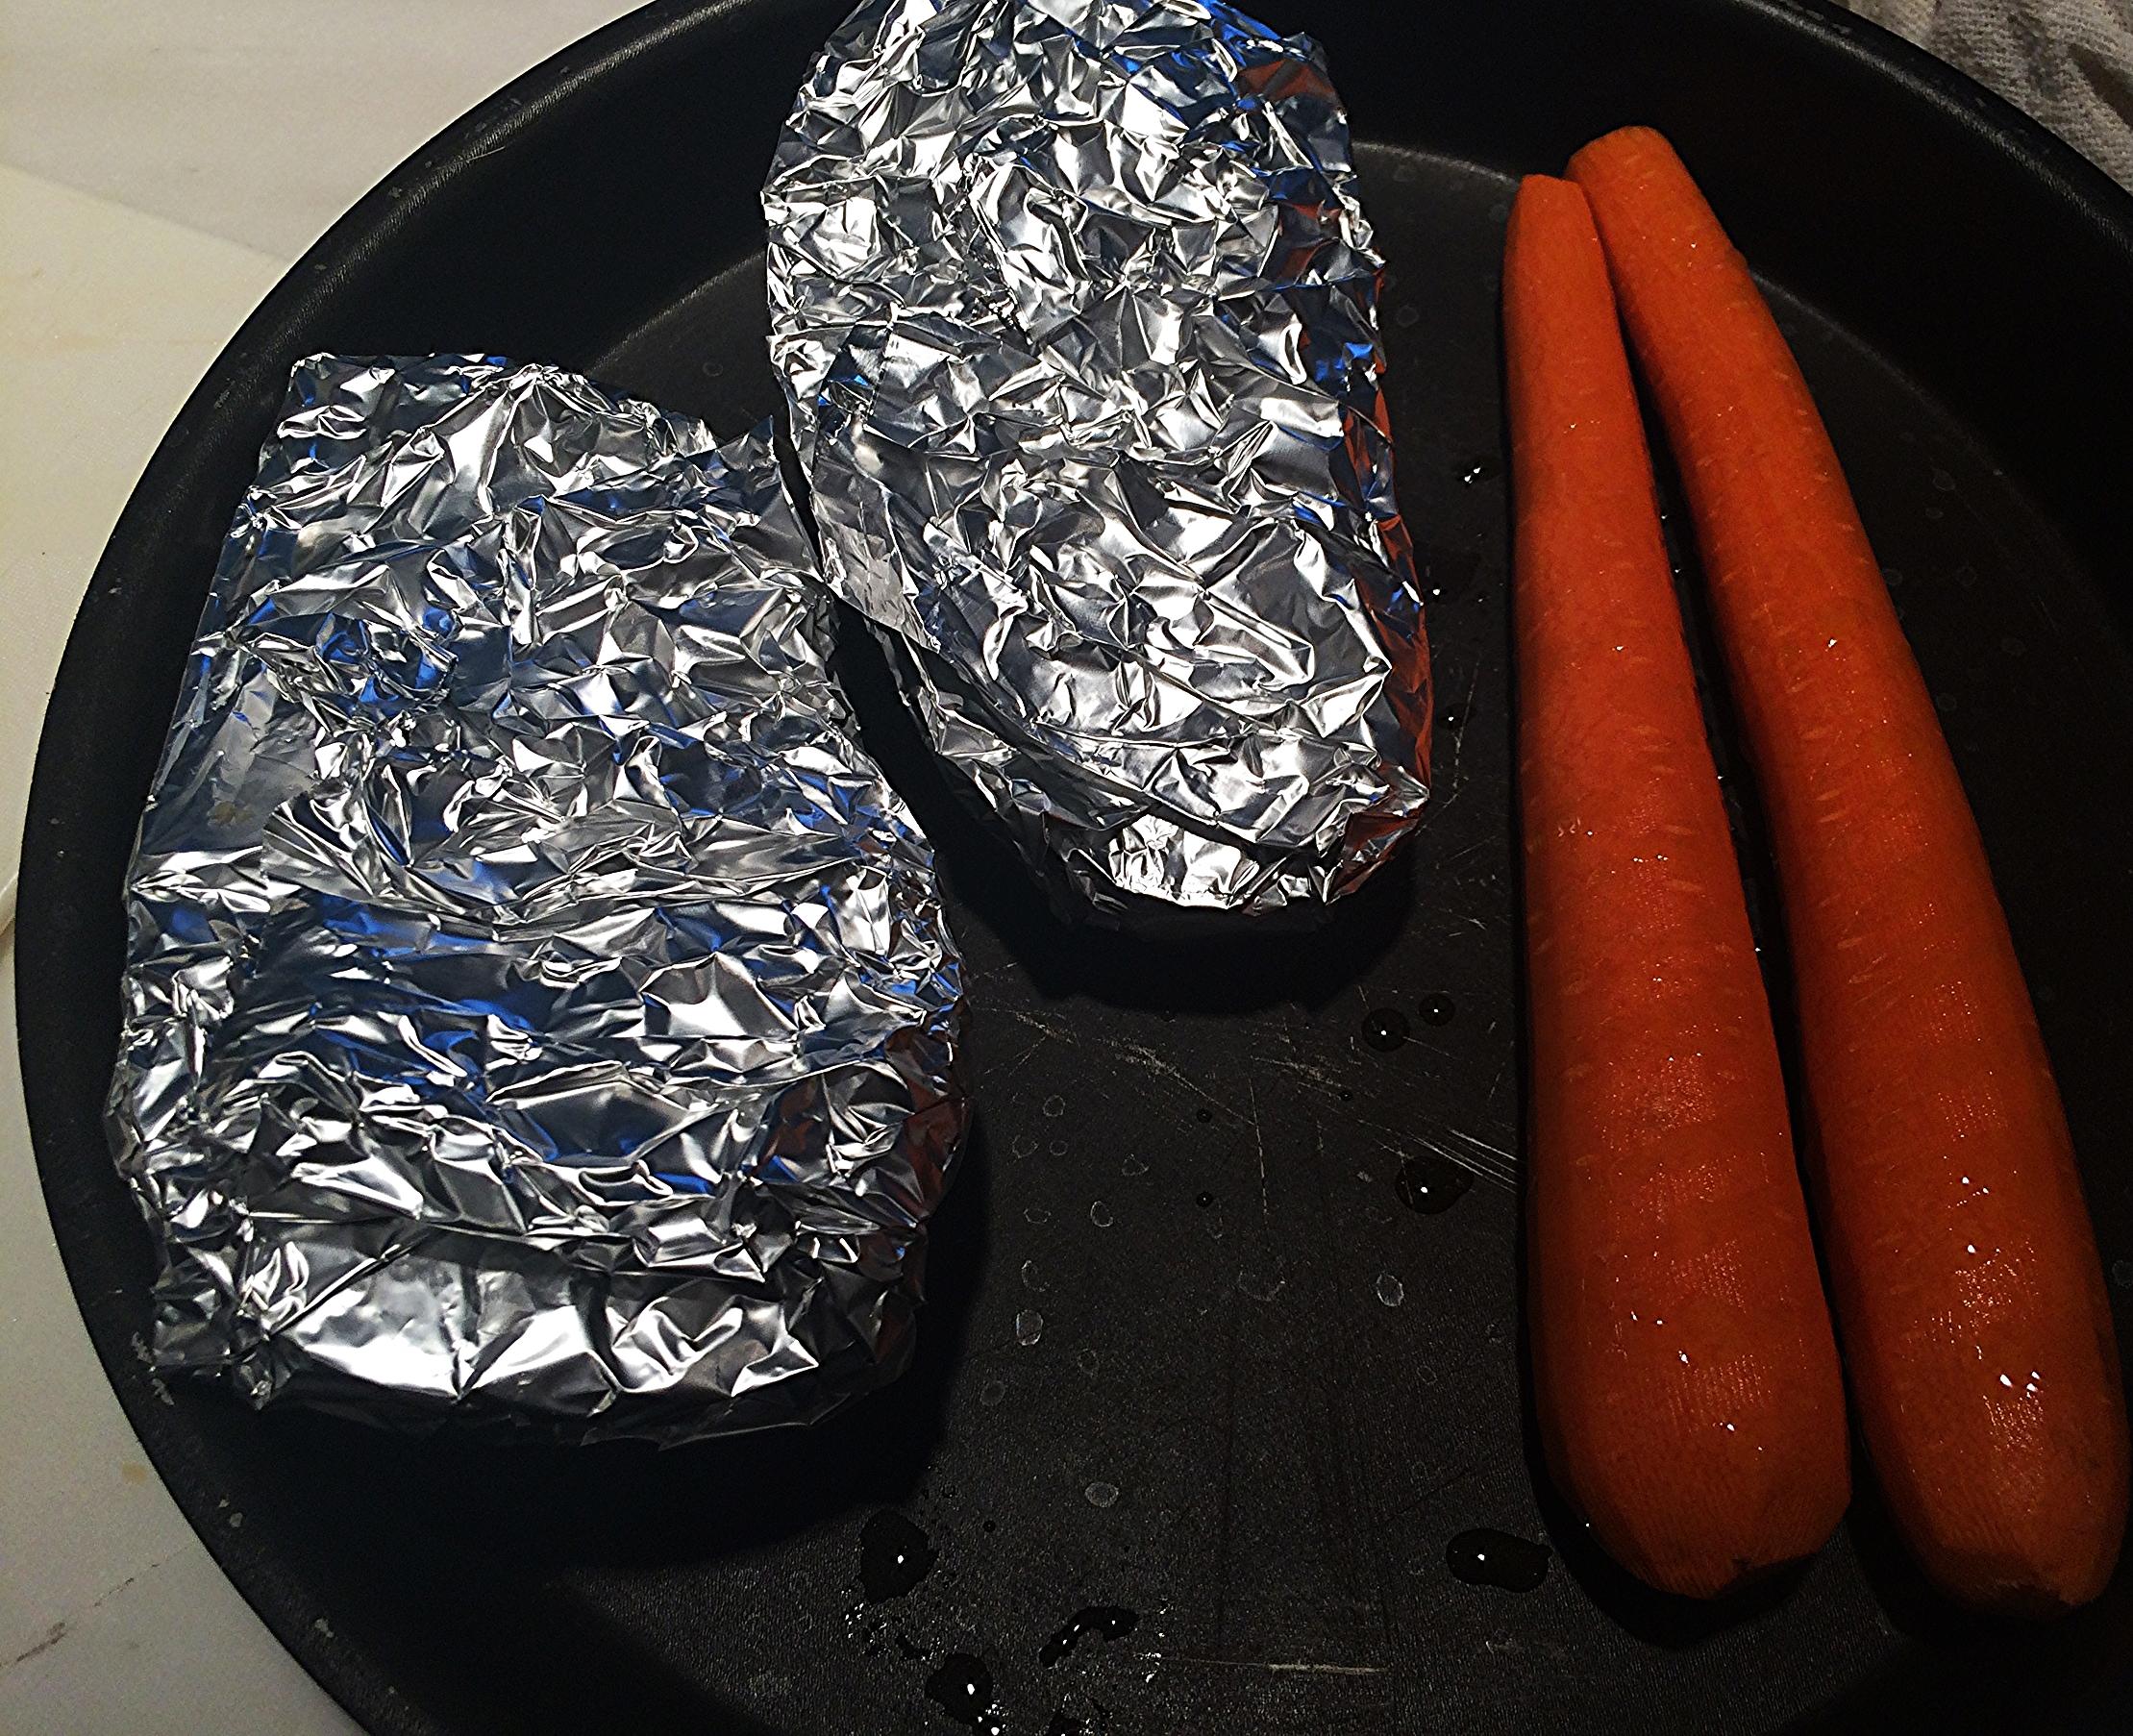 Embrulhe cada metade da berinjela no papel alumínio e coloque numa assadeira. Aproveitei e coloquei as cenouras junto porque tinha bastante espaço. Leve-as ao forno até que ao espetar uma faca na parte mais grossa da cenoura, ela solte imediatamente. O ponto da berinjela é quando ela estiver transparente e muito macia. Retire do forno. Reserve as cenouras para esfriarem. Abra os pacotes de berinjela e raspe a polpa, com a ajuda de uma colher de sobremesa, deixando só a casca pra trás. Reserve e deixe esfriar.